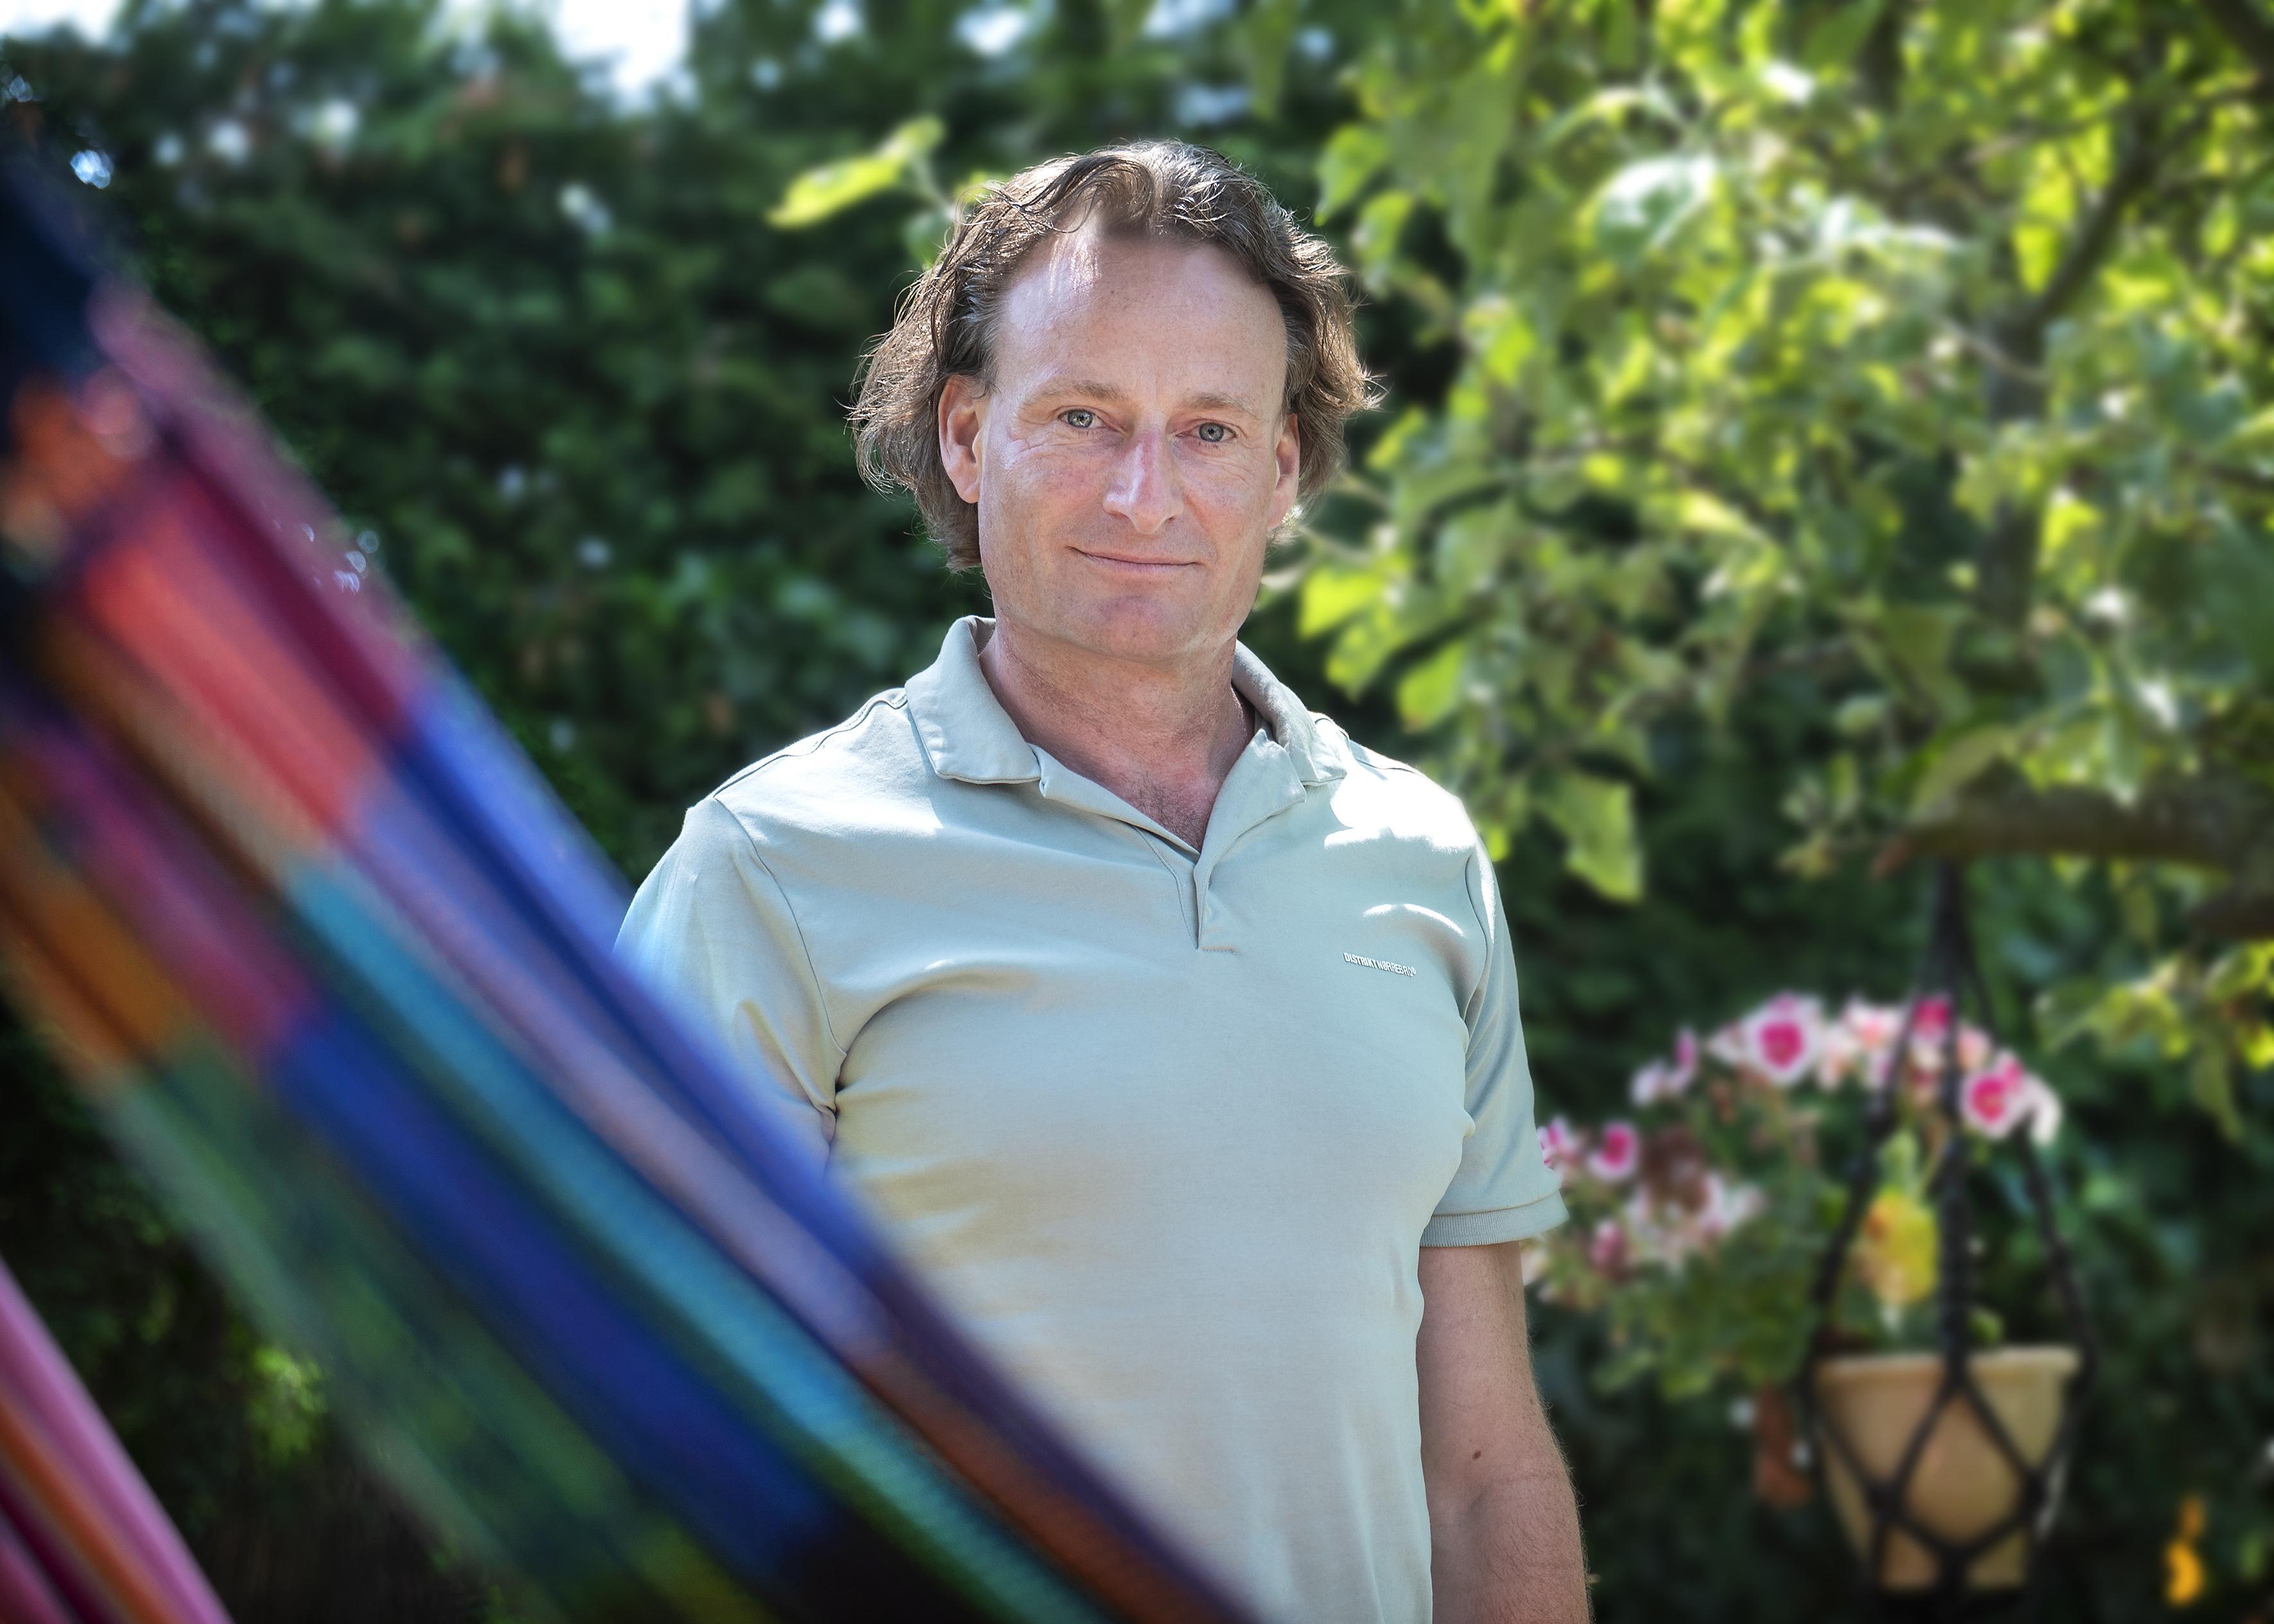 Jurist Jeroen Pols van Viruswaanzin strijdt tegen de maatregelen en de spoedwet: 'Regels erger dan het virus'